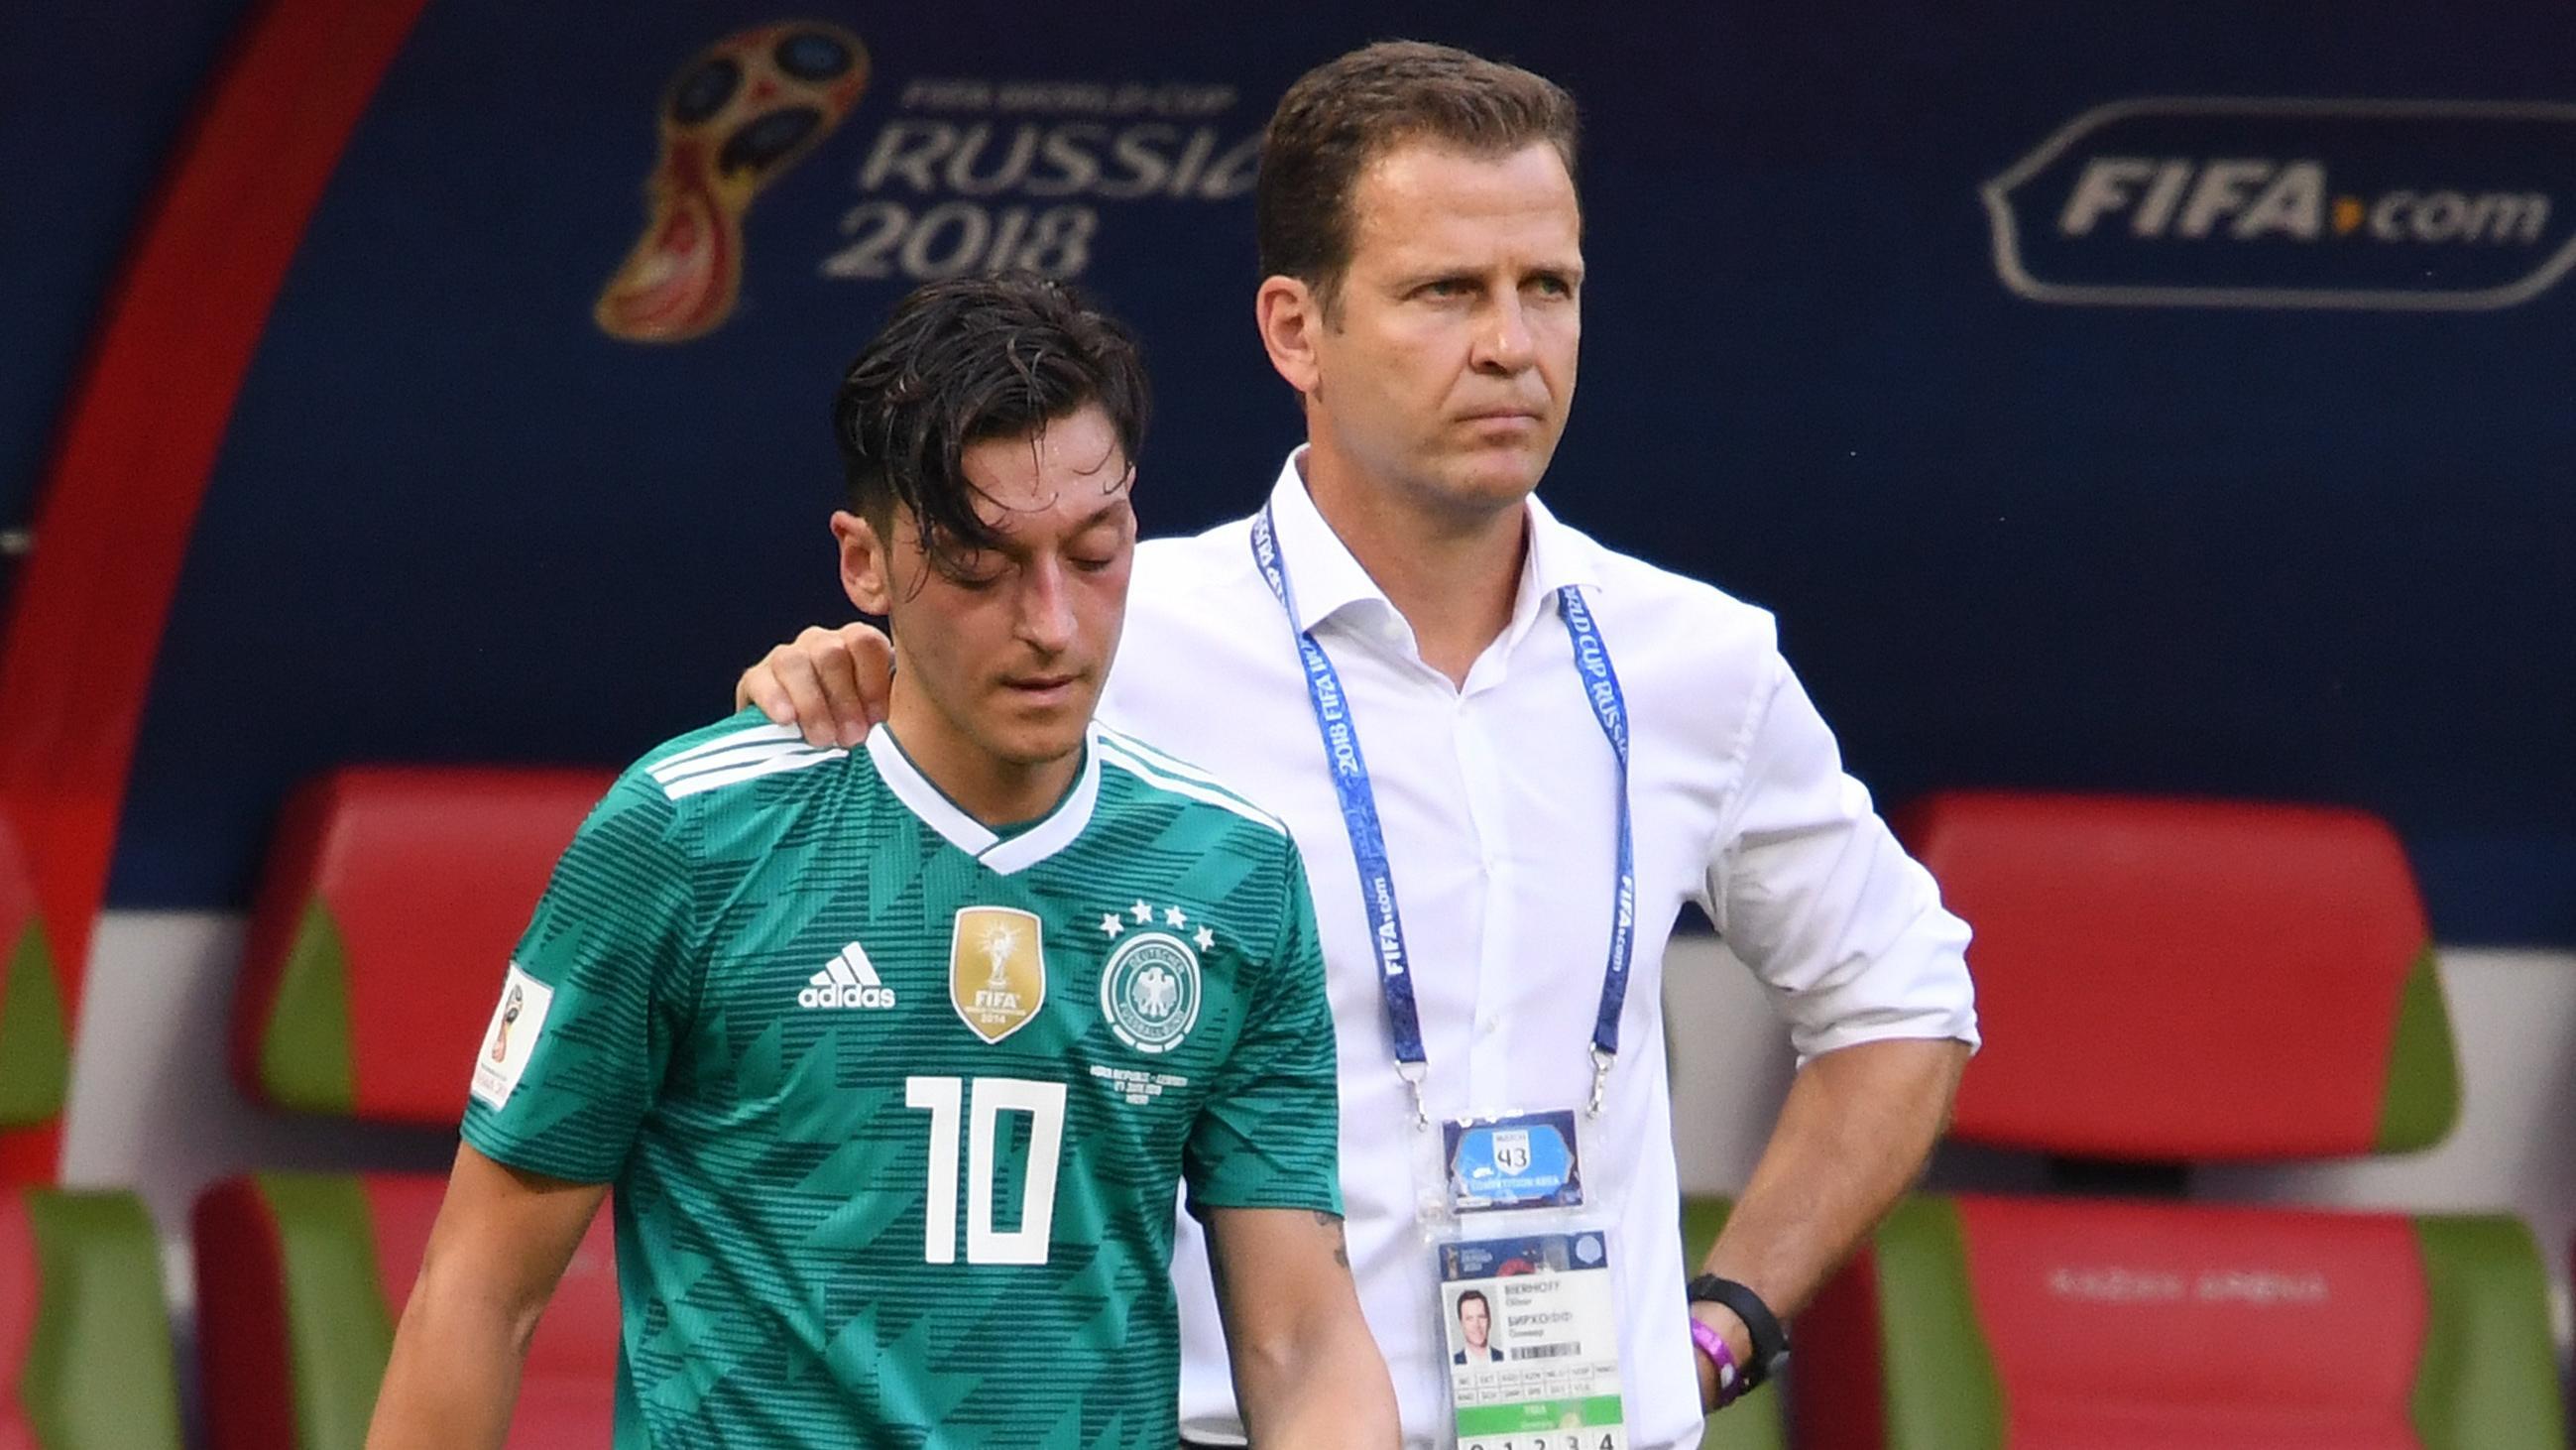 Mesut Özil und Nationalmannschafts-Manager Oliver Bierhoff bei einem WM-Spiel in Russland